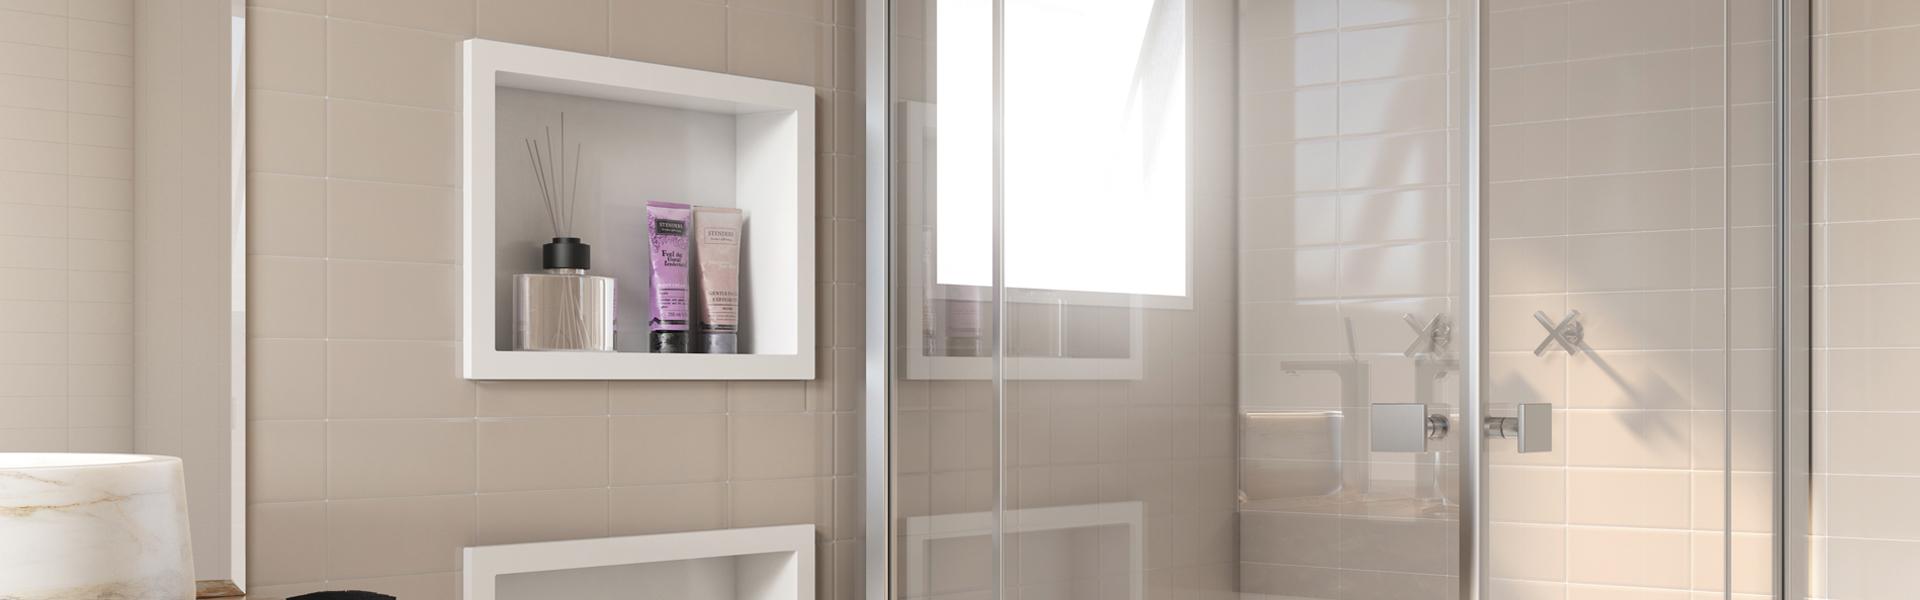 Banheiro - Nichos de Embutir